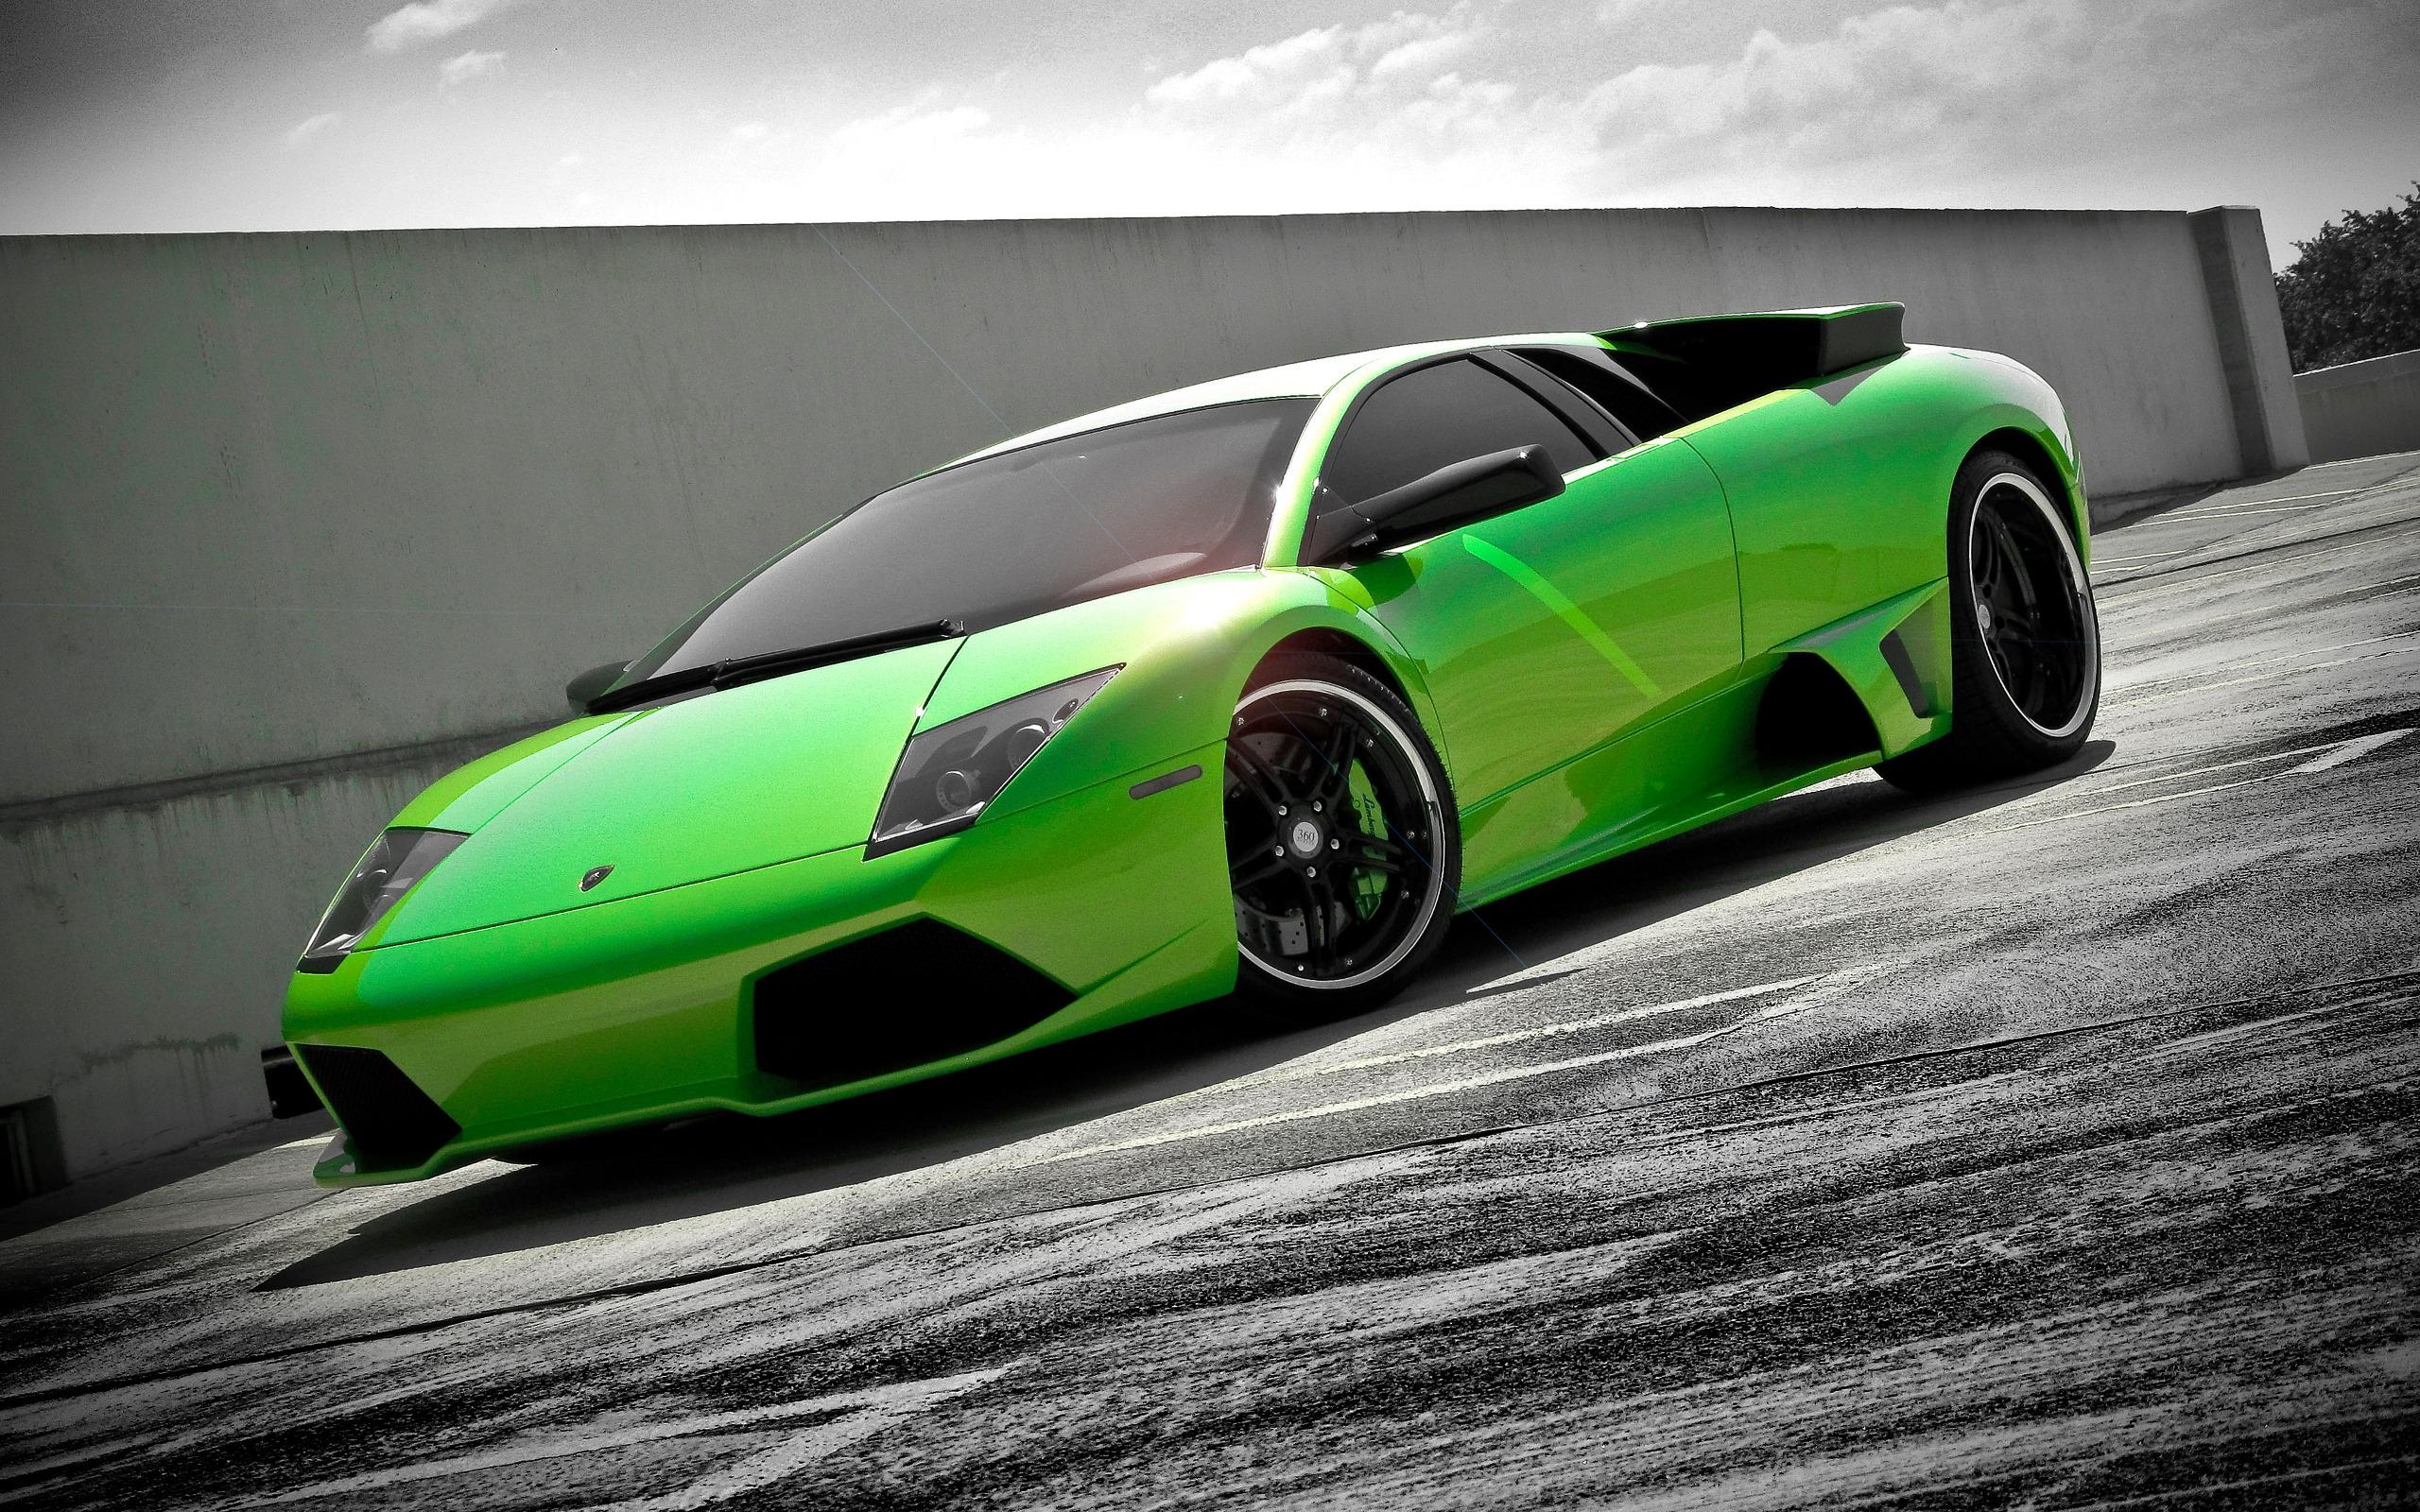 спортивный зеленый автомобиль Lamborghini  № 2996301  скачать